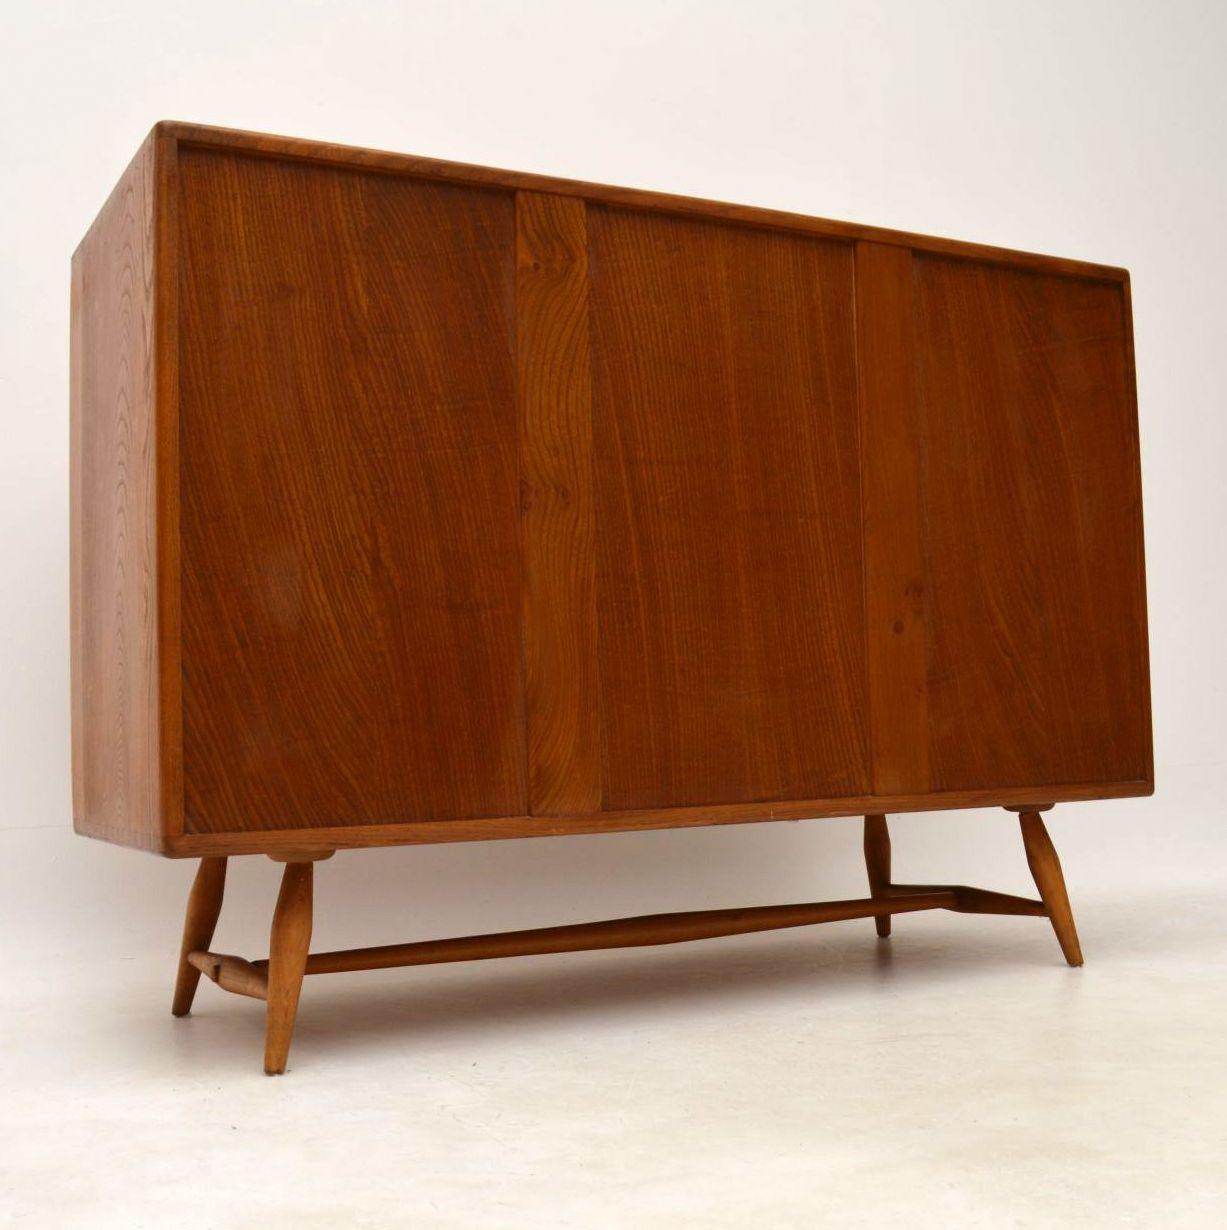 1960 S Vintage Ercol Sideboard In Solid Elm